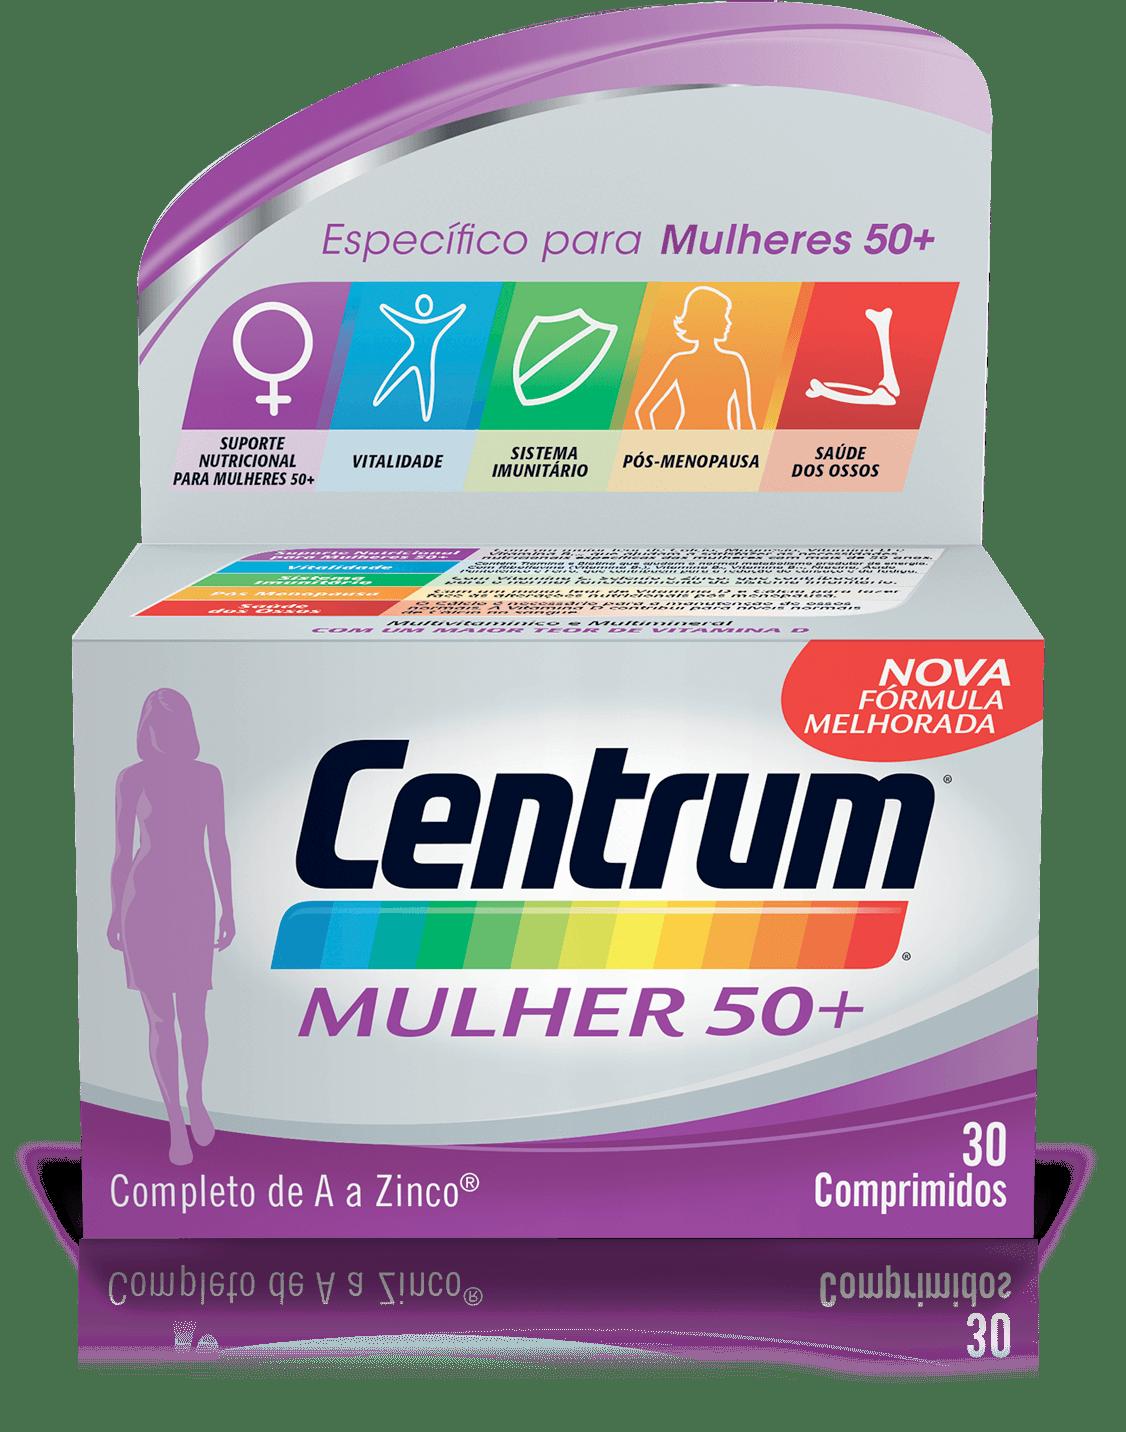 Imagem da fórmula Centrum Mulher 50+